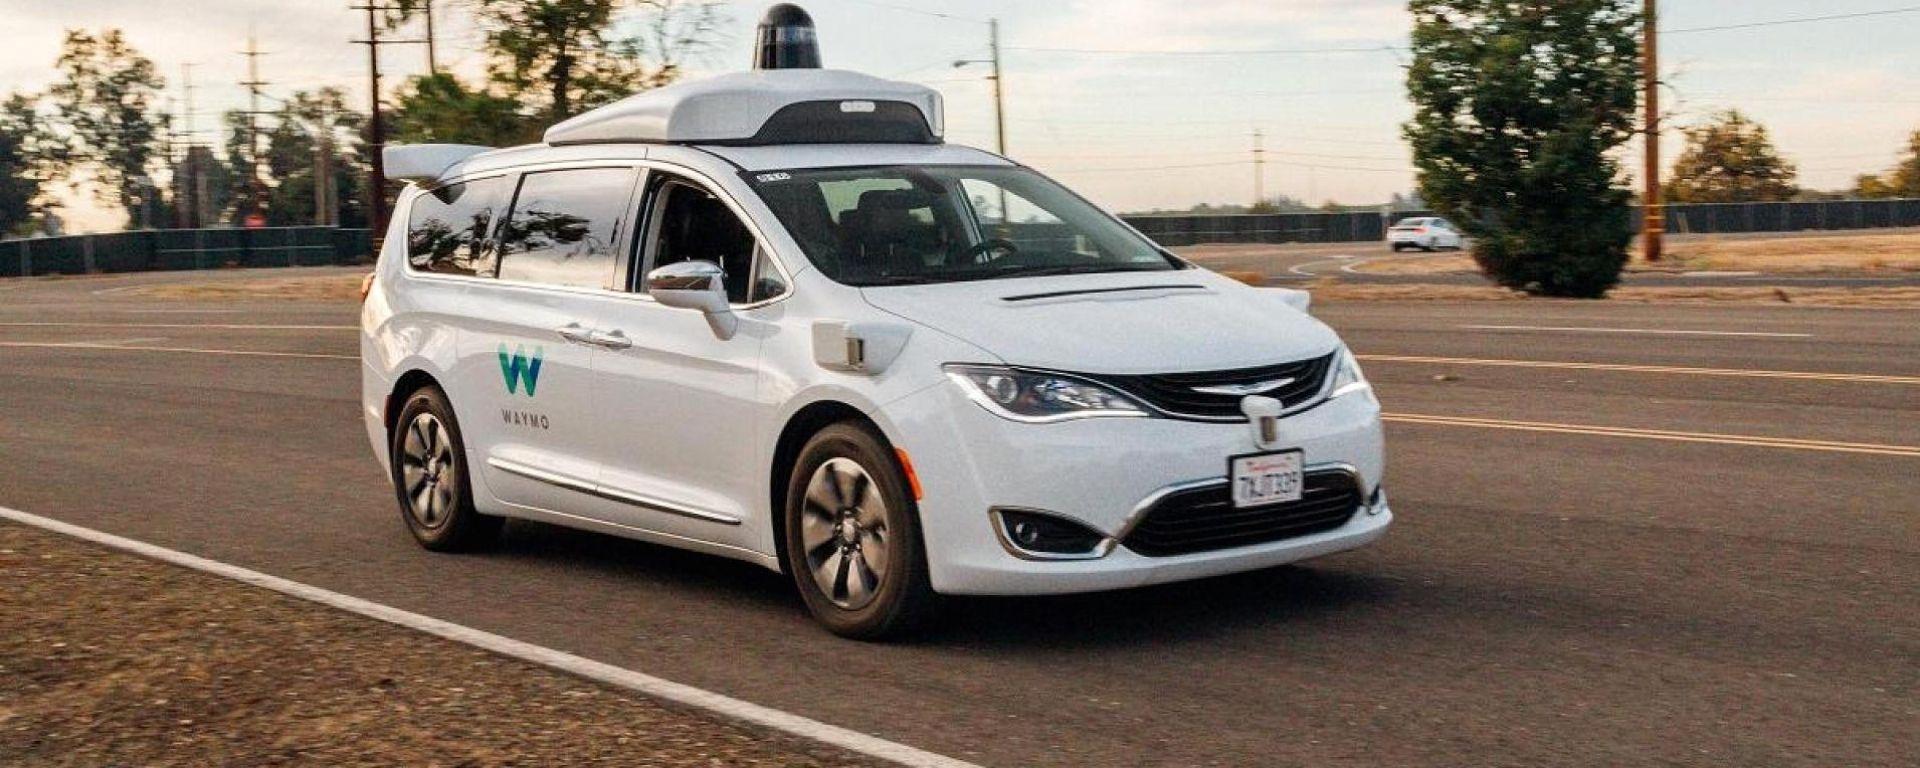 Chrysler Pacifica, suo il ruolo di futura Google car